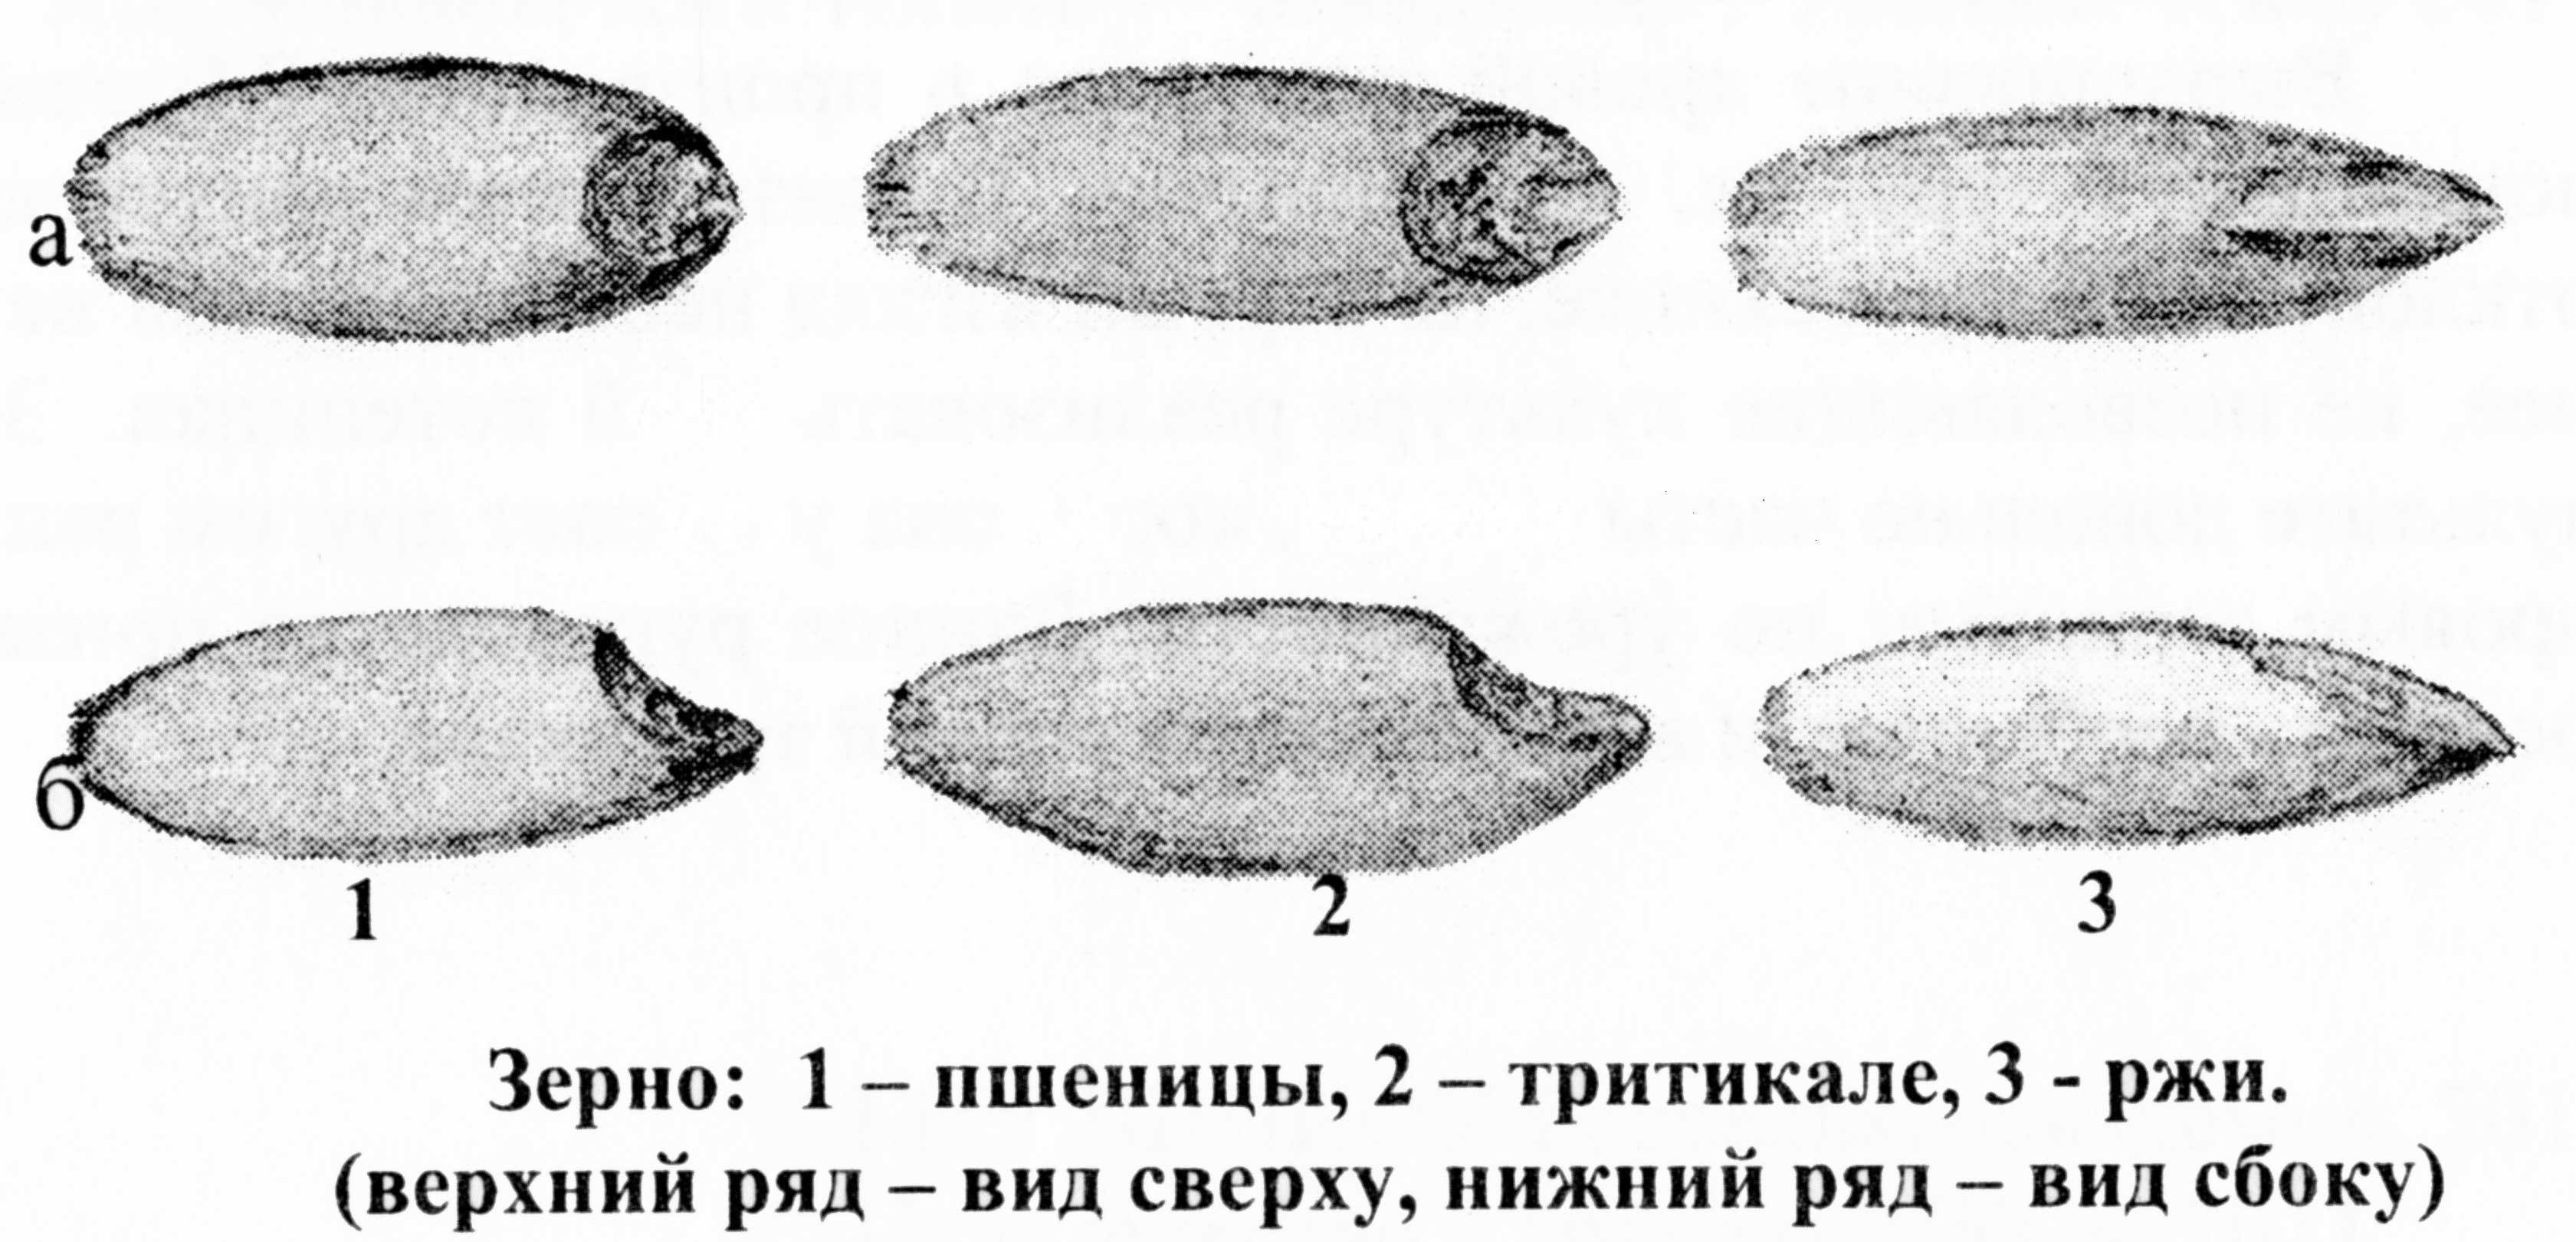 Технология возделывания яровой тритикале ФГБНУ Владимирский НИИСХ image0156